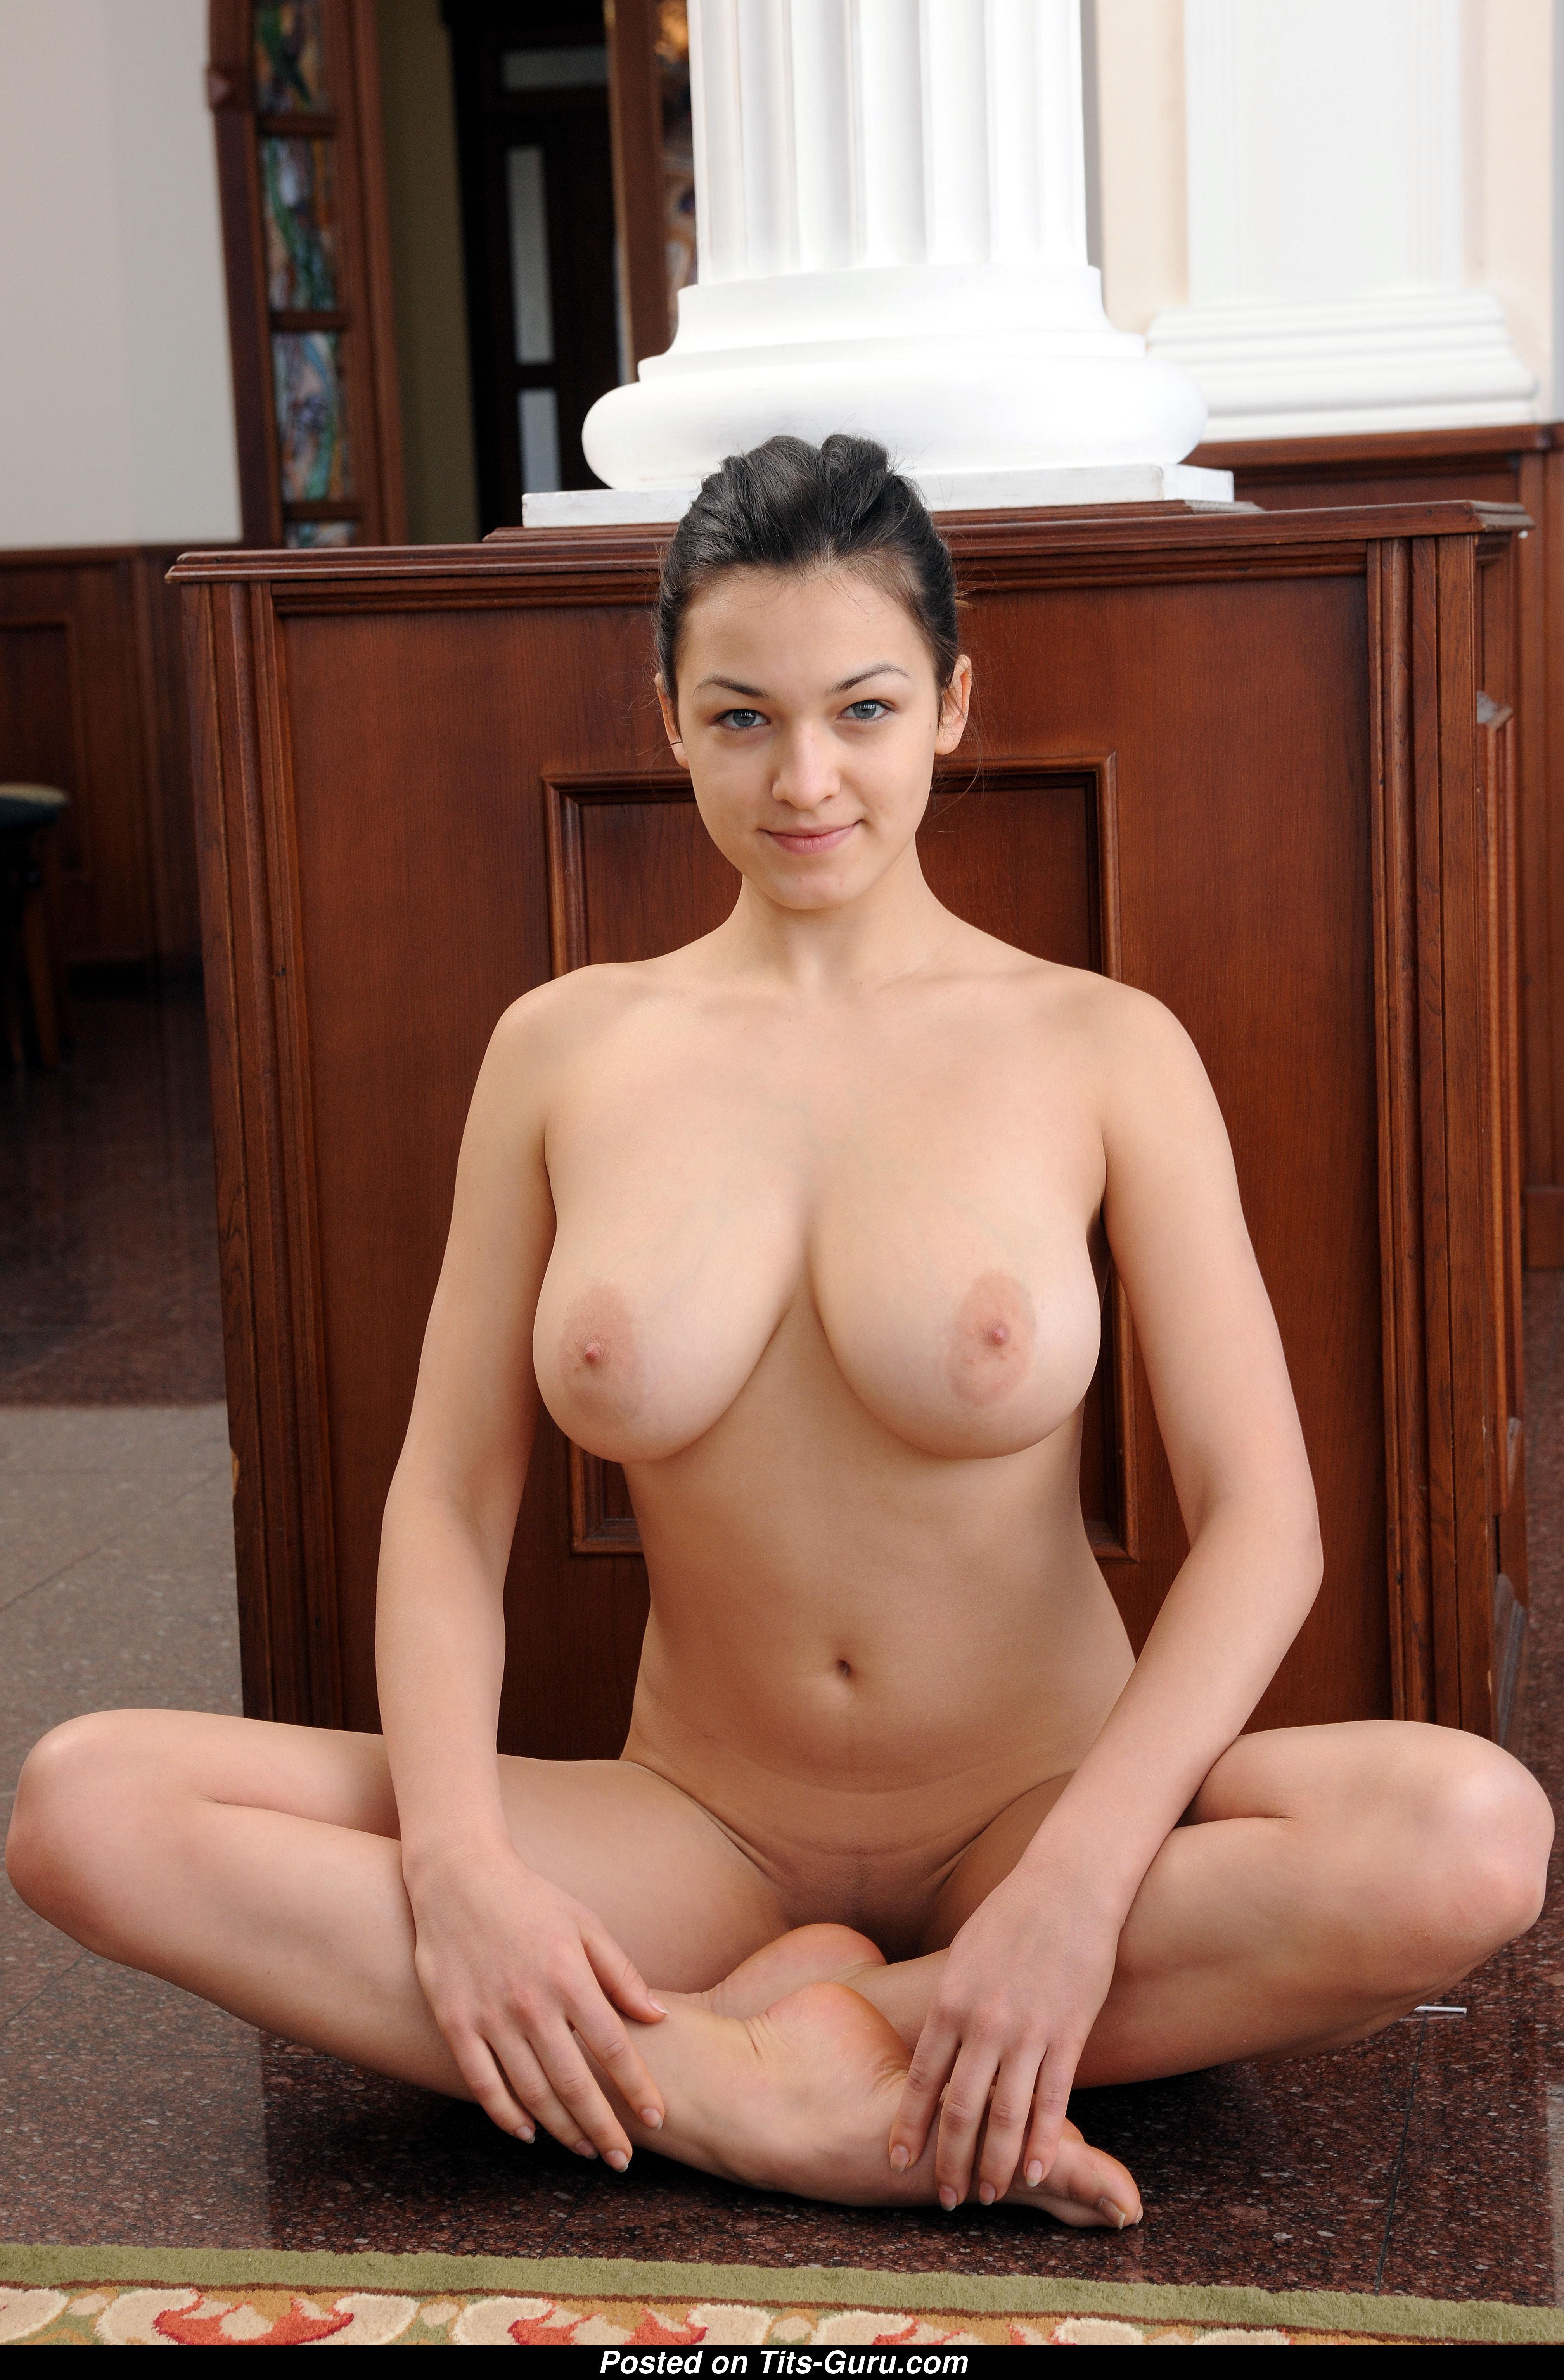 Nice boobs though bouncing boobs